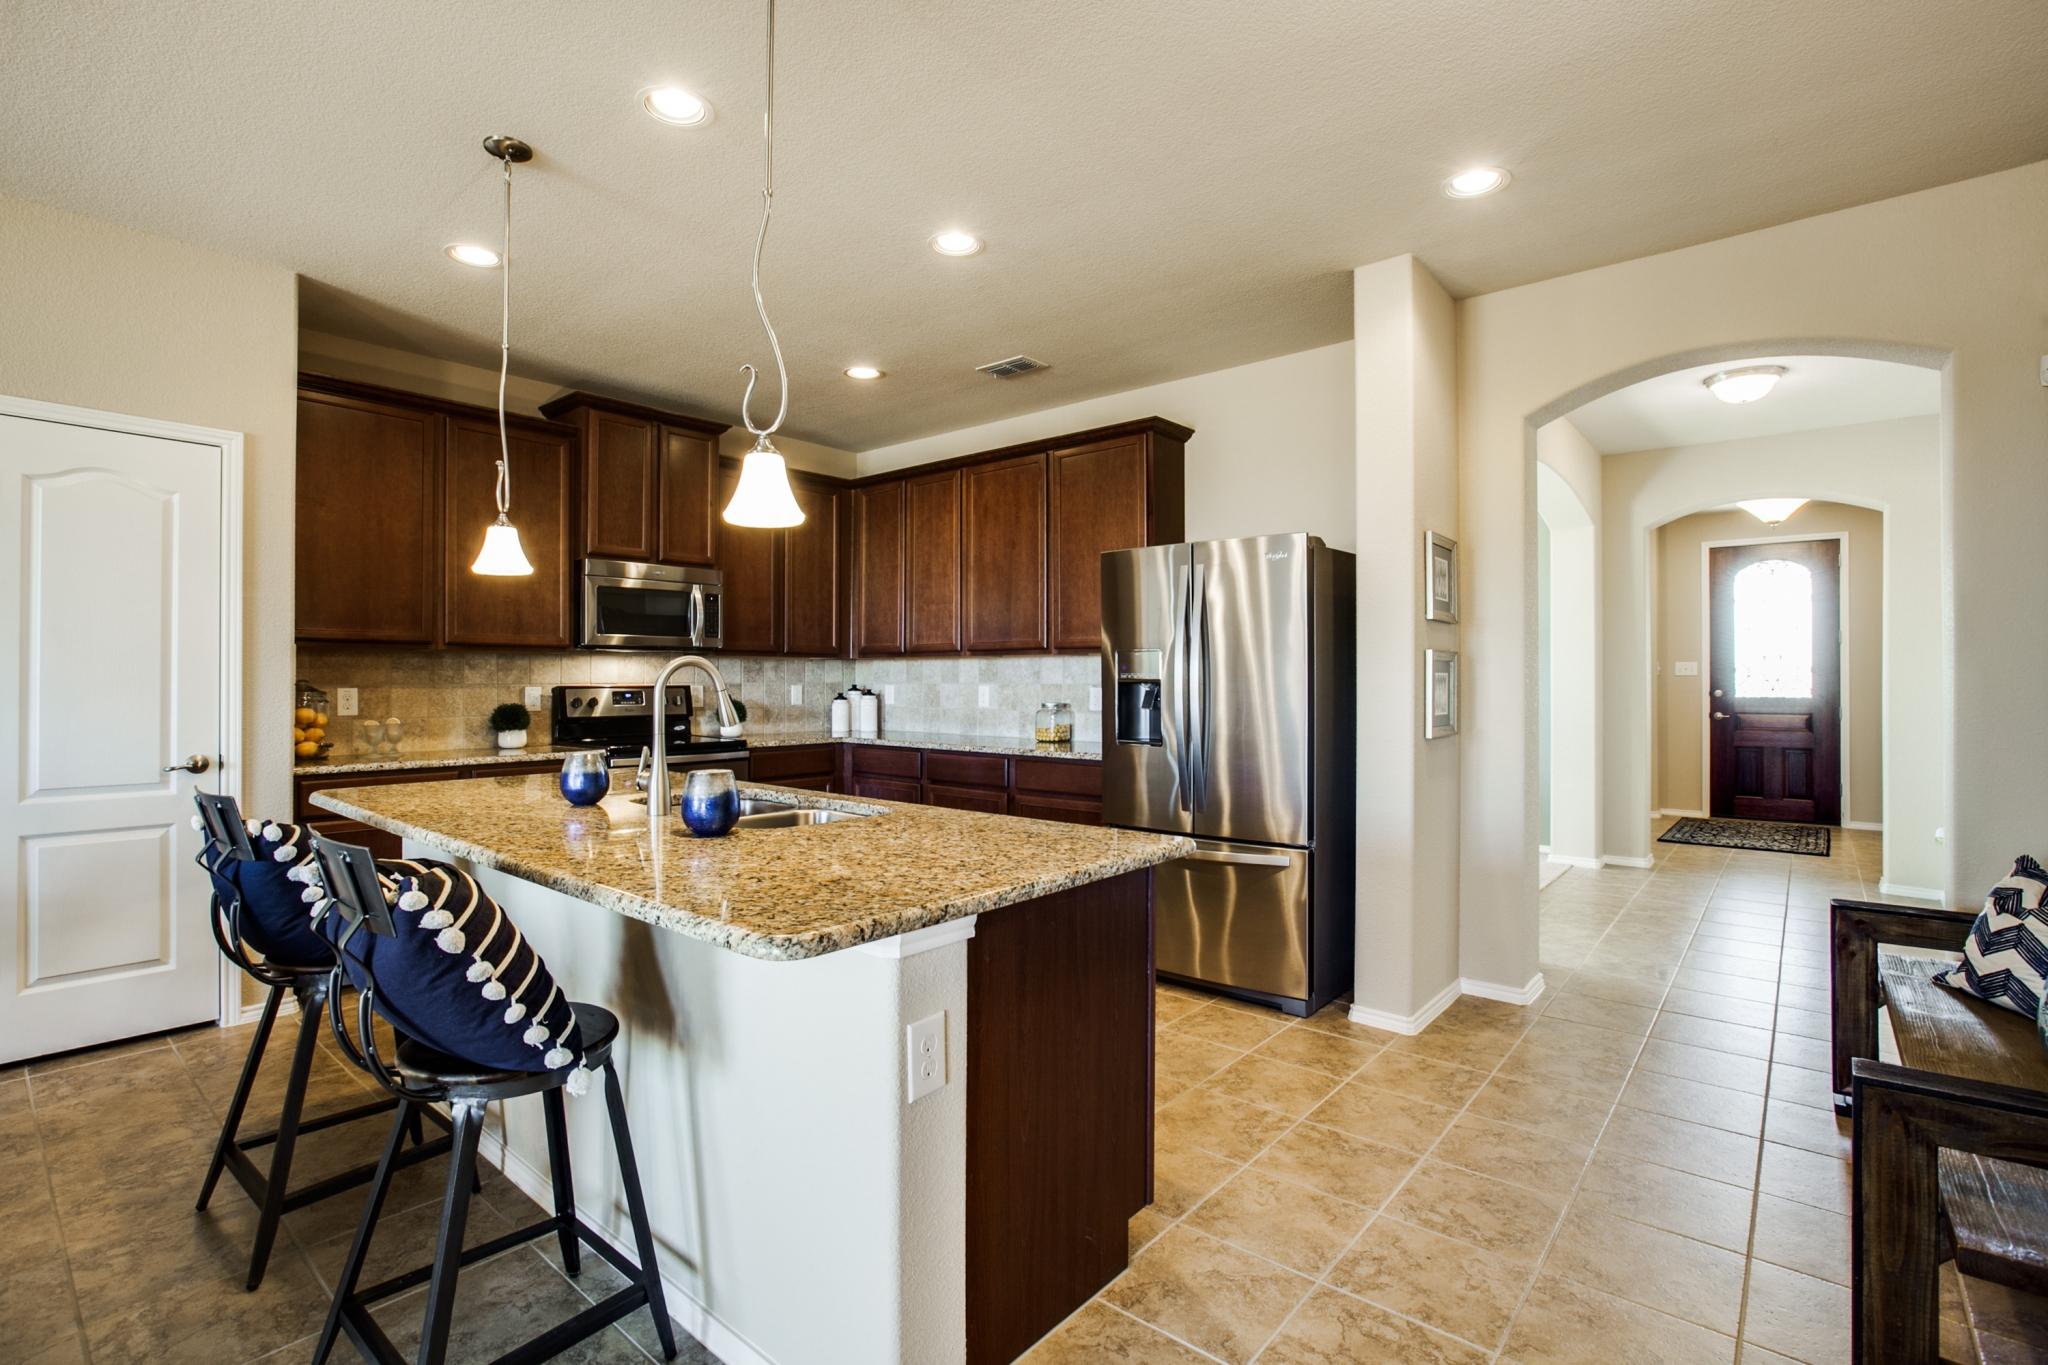 Newcomer historymaker homes plans homes under 200k in for Home designs under 200k